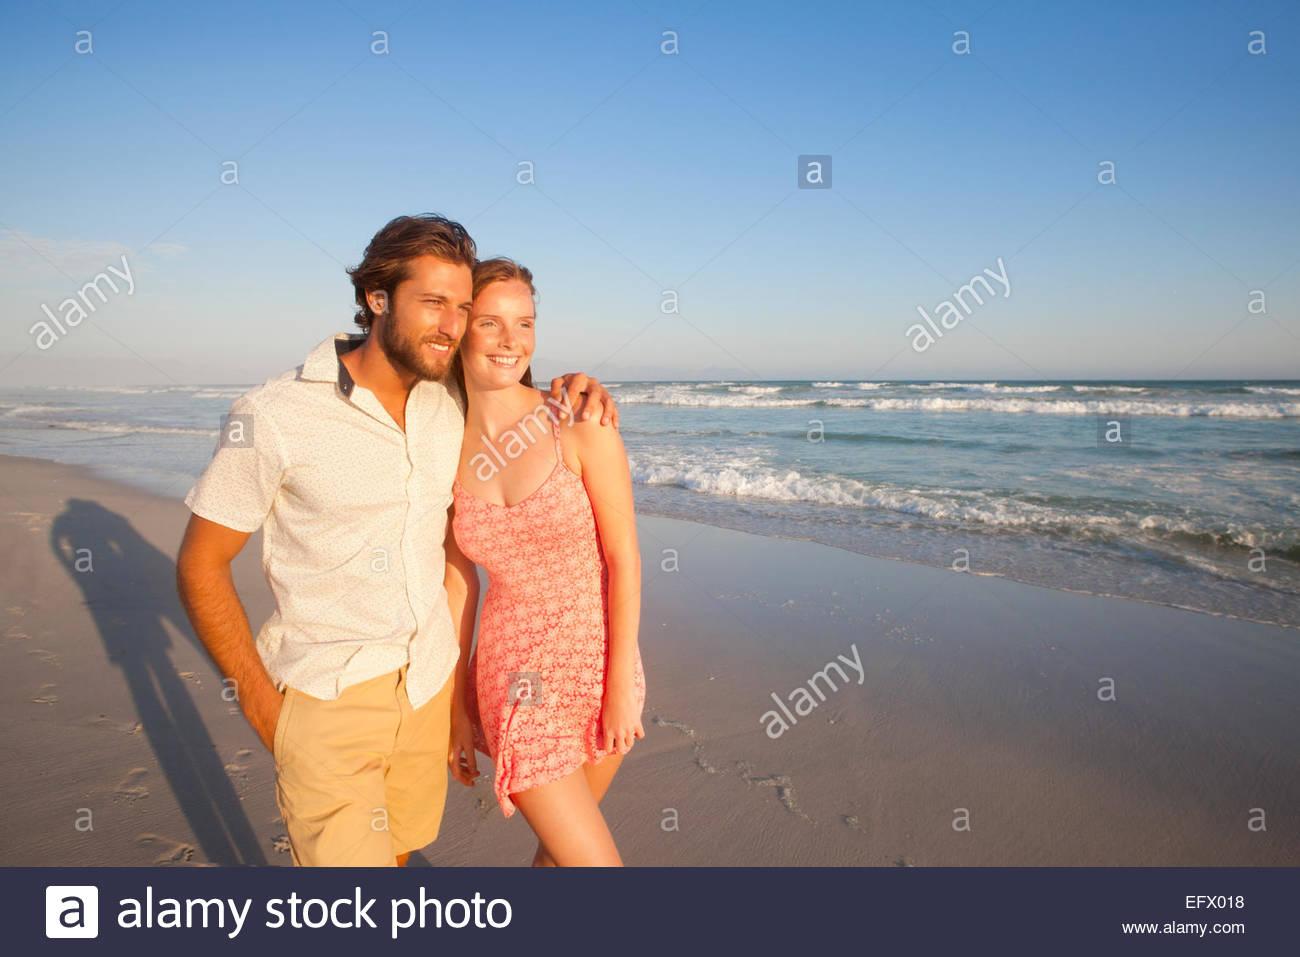 Pareja sonriente, el hombre con el brazo mujer redonda, caminando junto a sunny beach Imagen De Stock